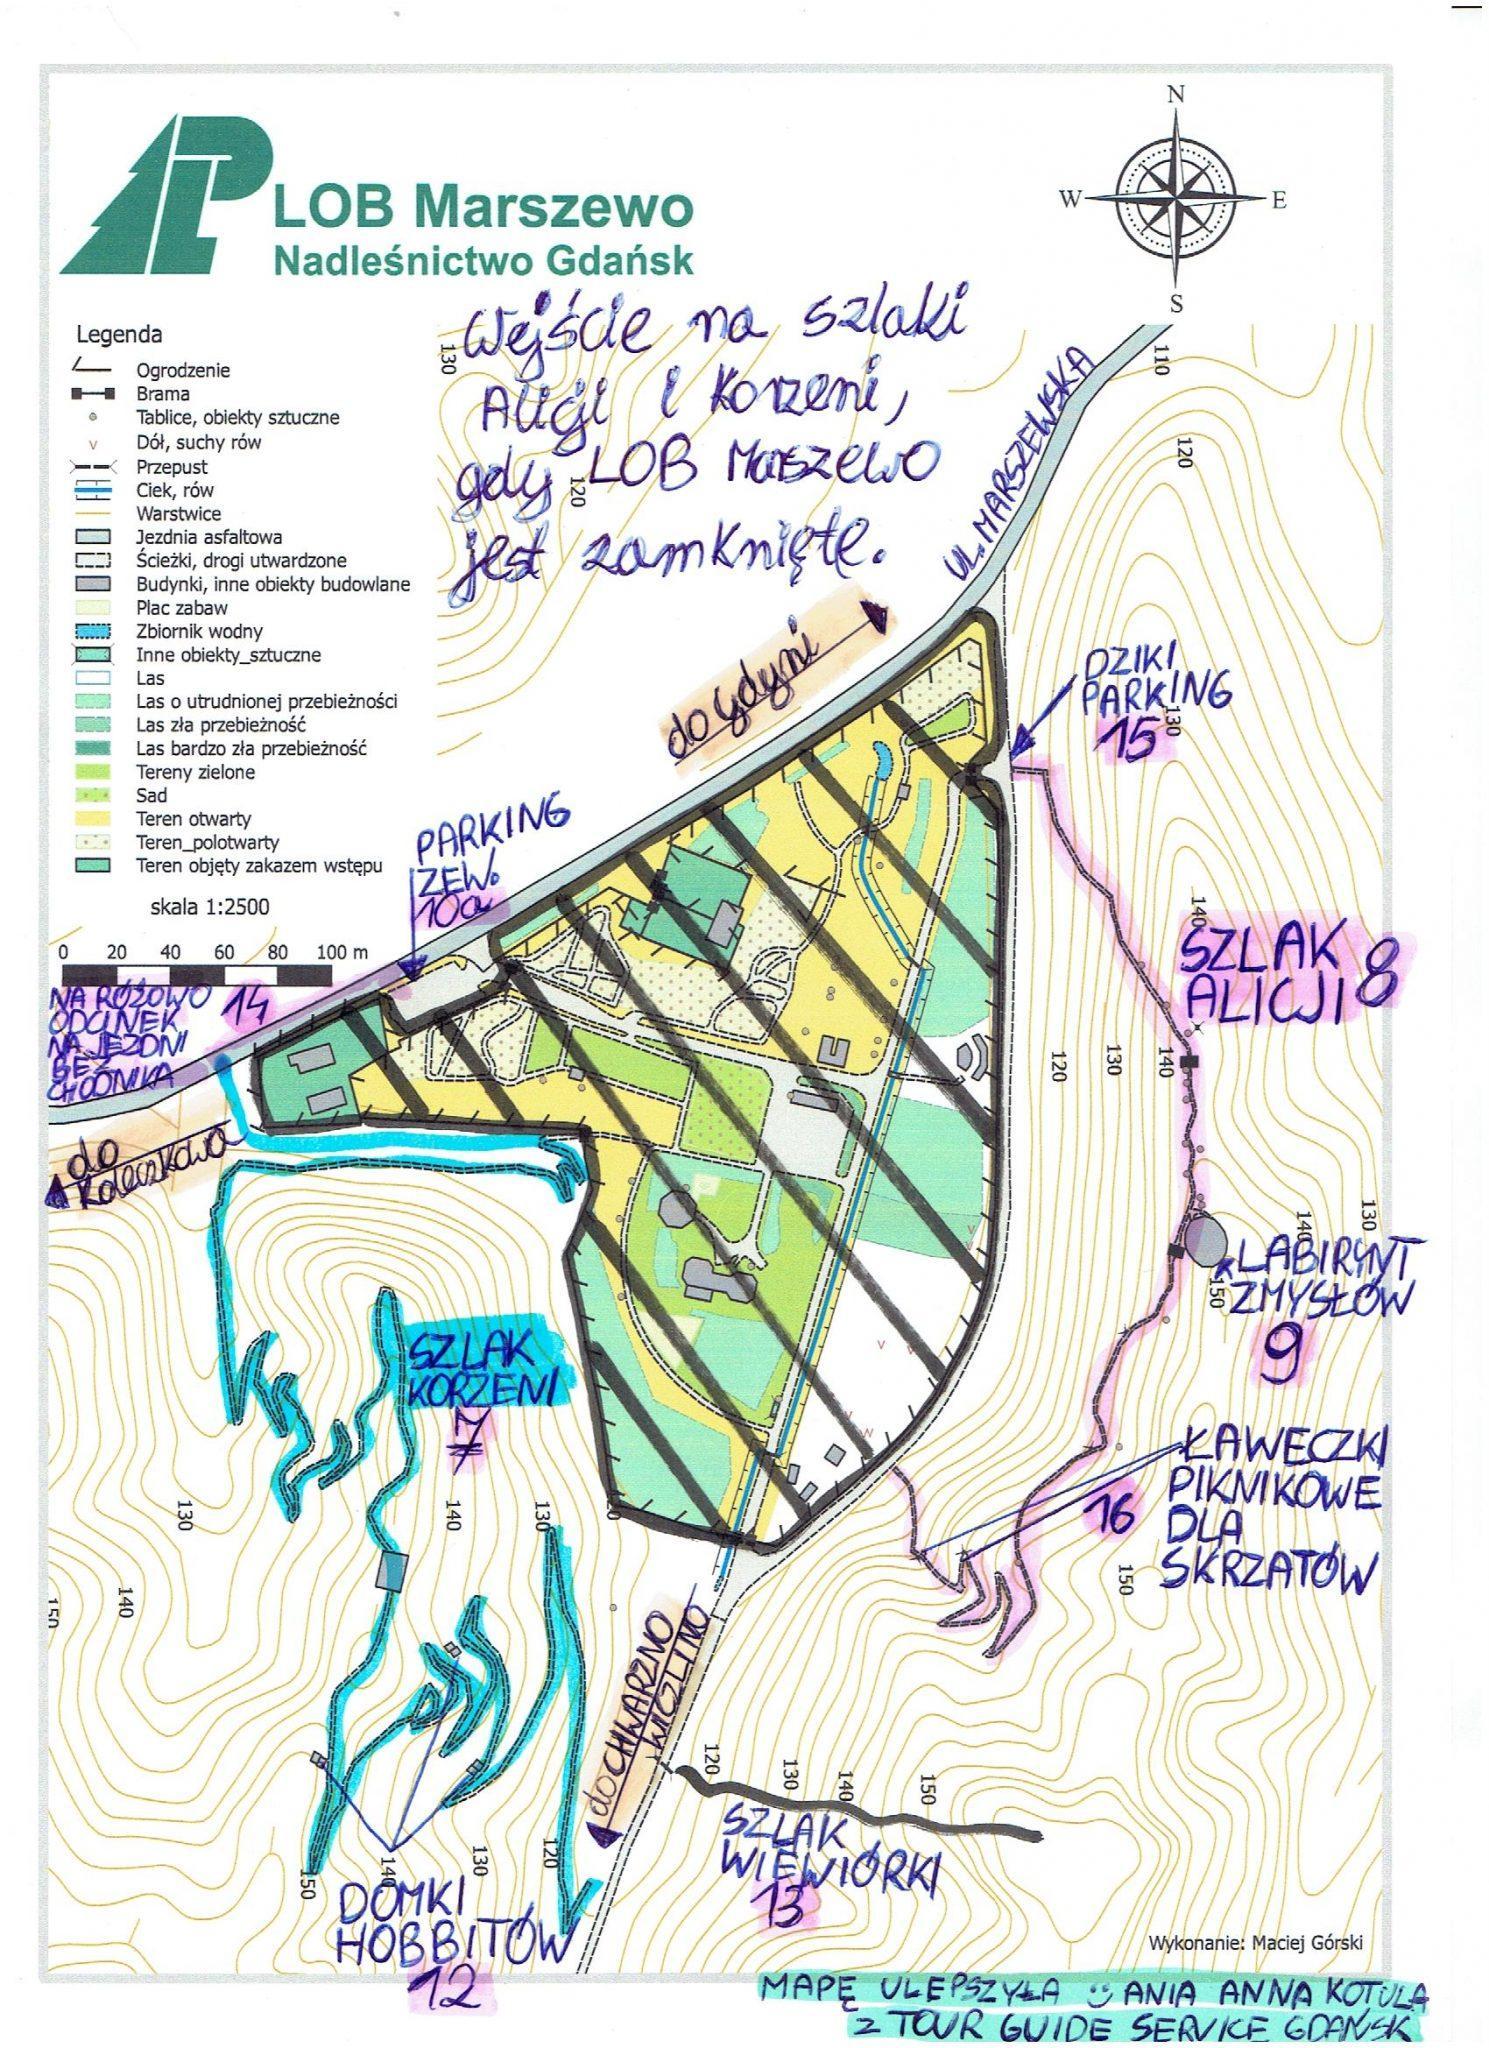 Szlak Alicji i Szlak Korzeni w Marszewie gdy LOB jest zamkniete